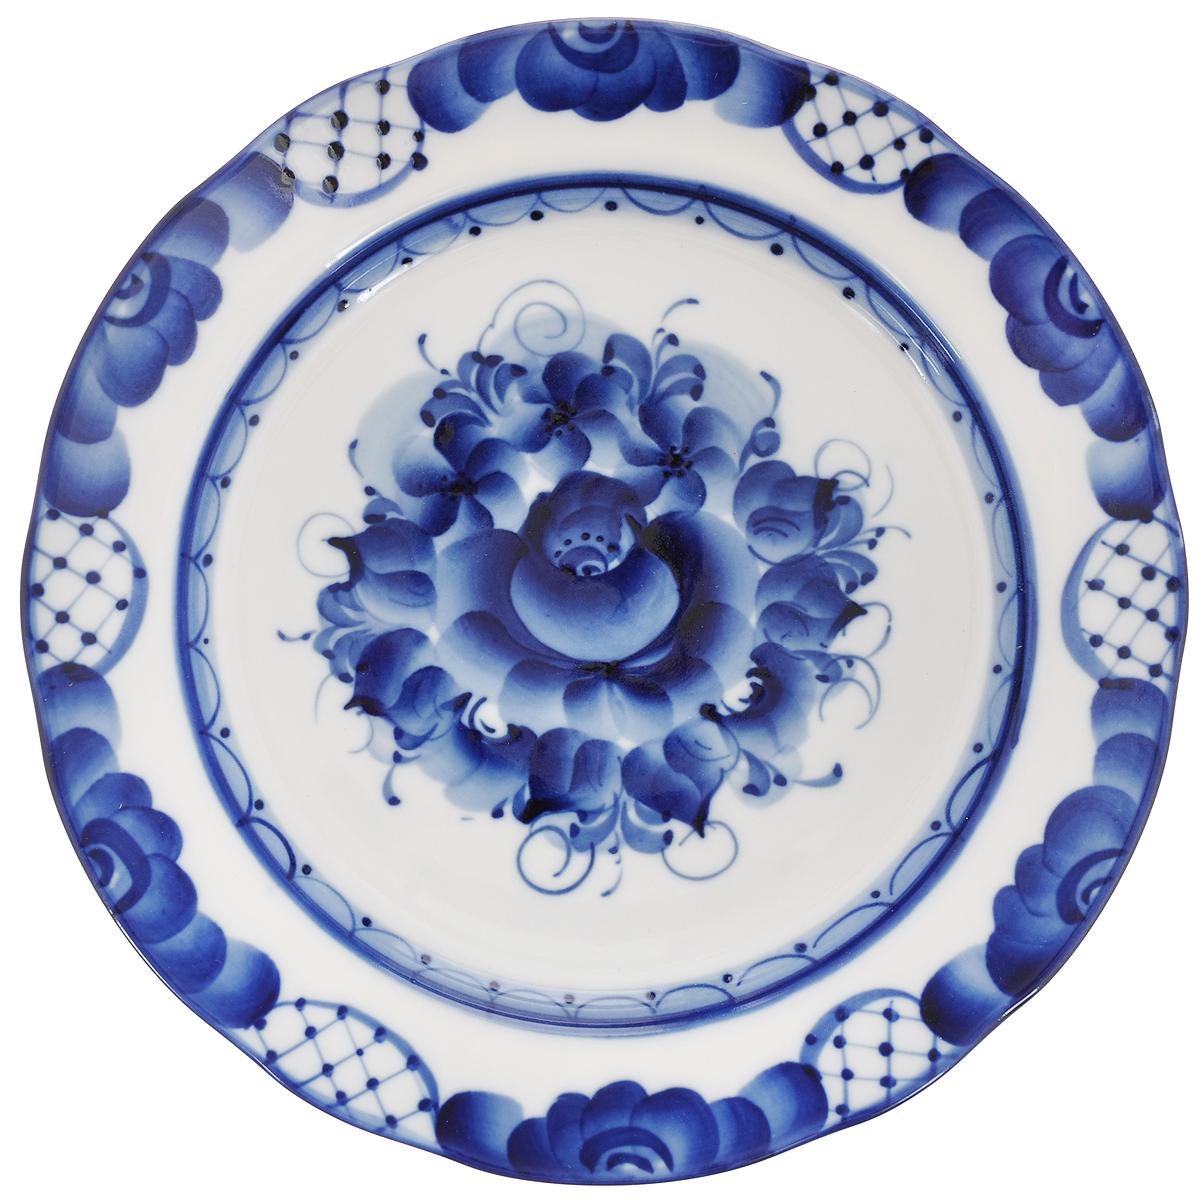 Тарелка для закусок Дубок, диаметр 23,5 см993026441Тарелка для закусок Дубок, изготовленная из высококачественной керамики, предназначена для красивой сервировки стола. Тарелка оформлена оригинальной гжельской росписью. Прекрасный дизайн изделия идеально подойдет для сервировки стола. Обращаем ваше внимание, что роспись на изделиях сделана вручную. Рисунок может немного отличаться от изображения на фотографии. Диаметр: 23,5 см. Высота тарелки: 2,5 см.